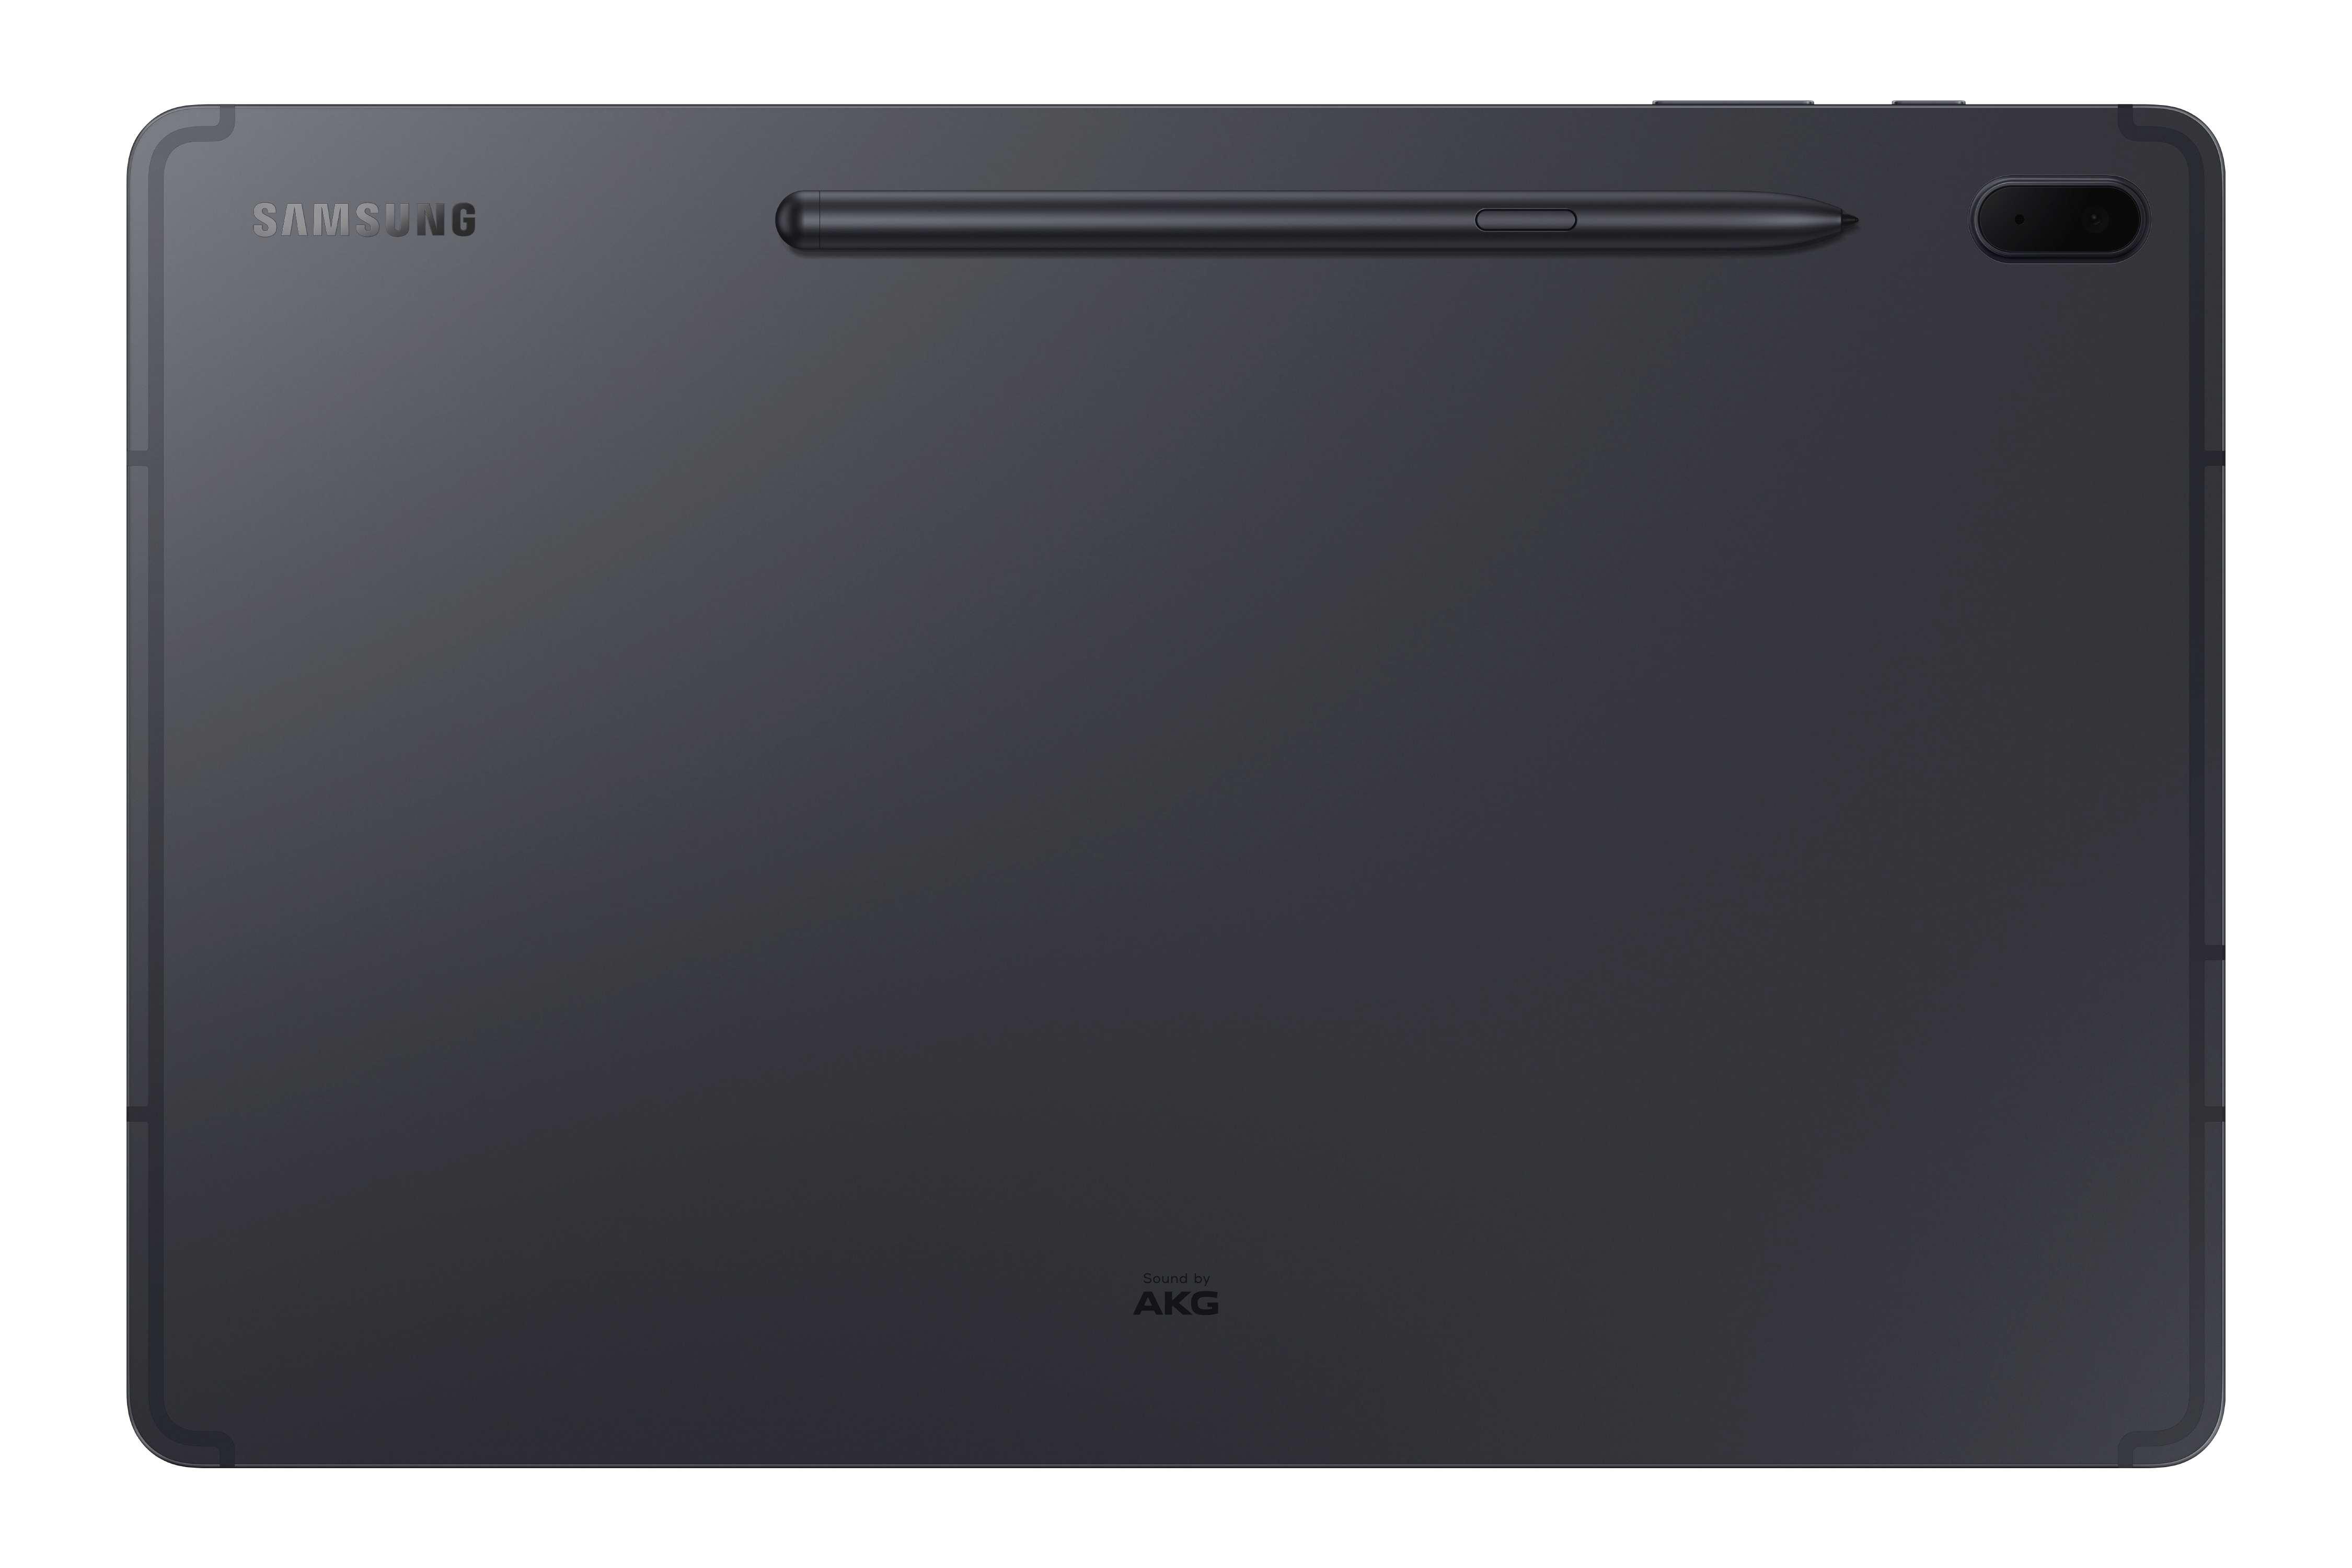 Tablični računalnik Samsung Galaxy Tab S7 FE Wifi 64GB, črna + mapa s tipkovnico